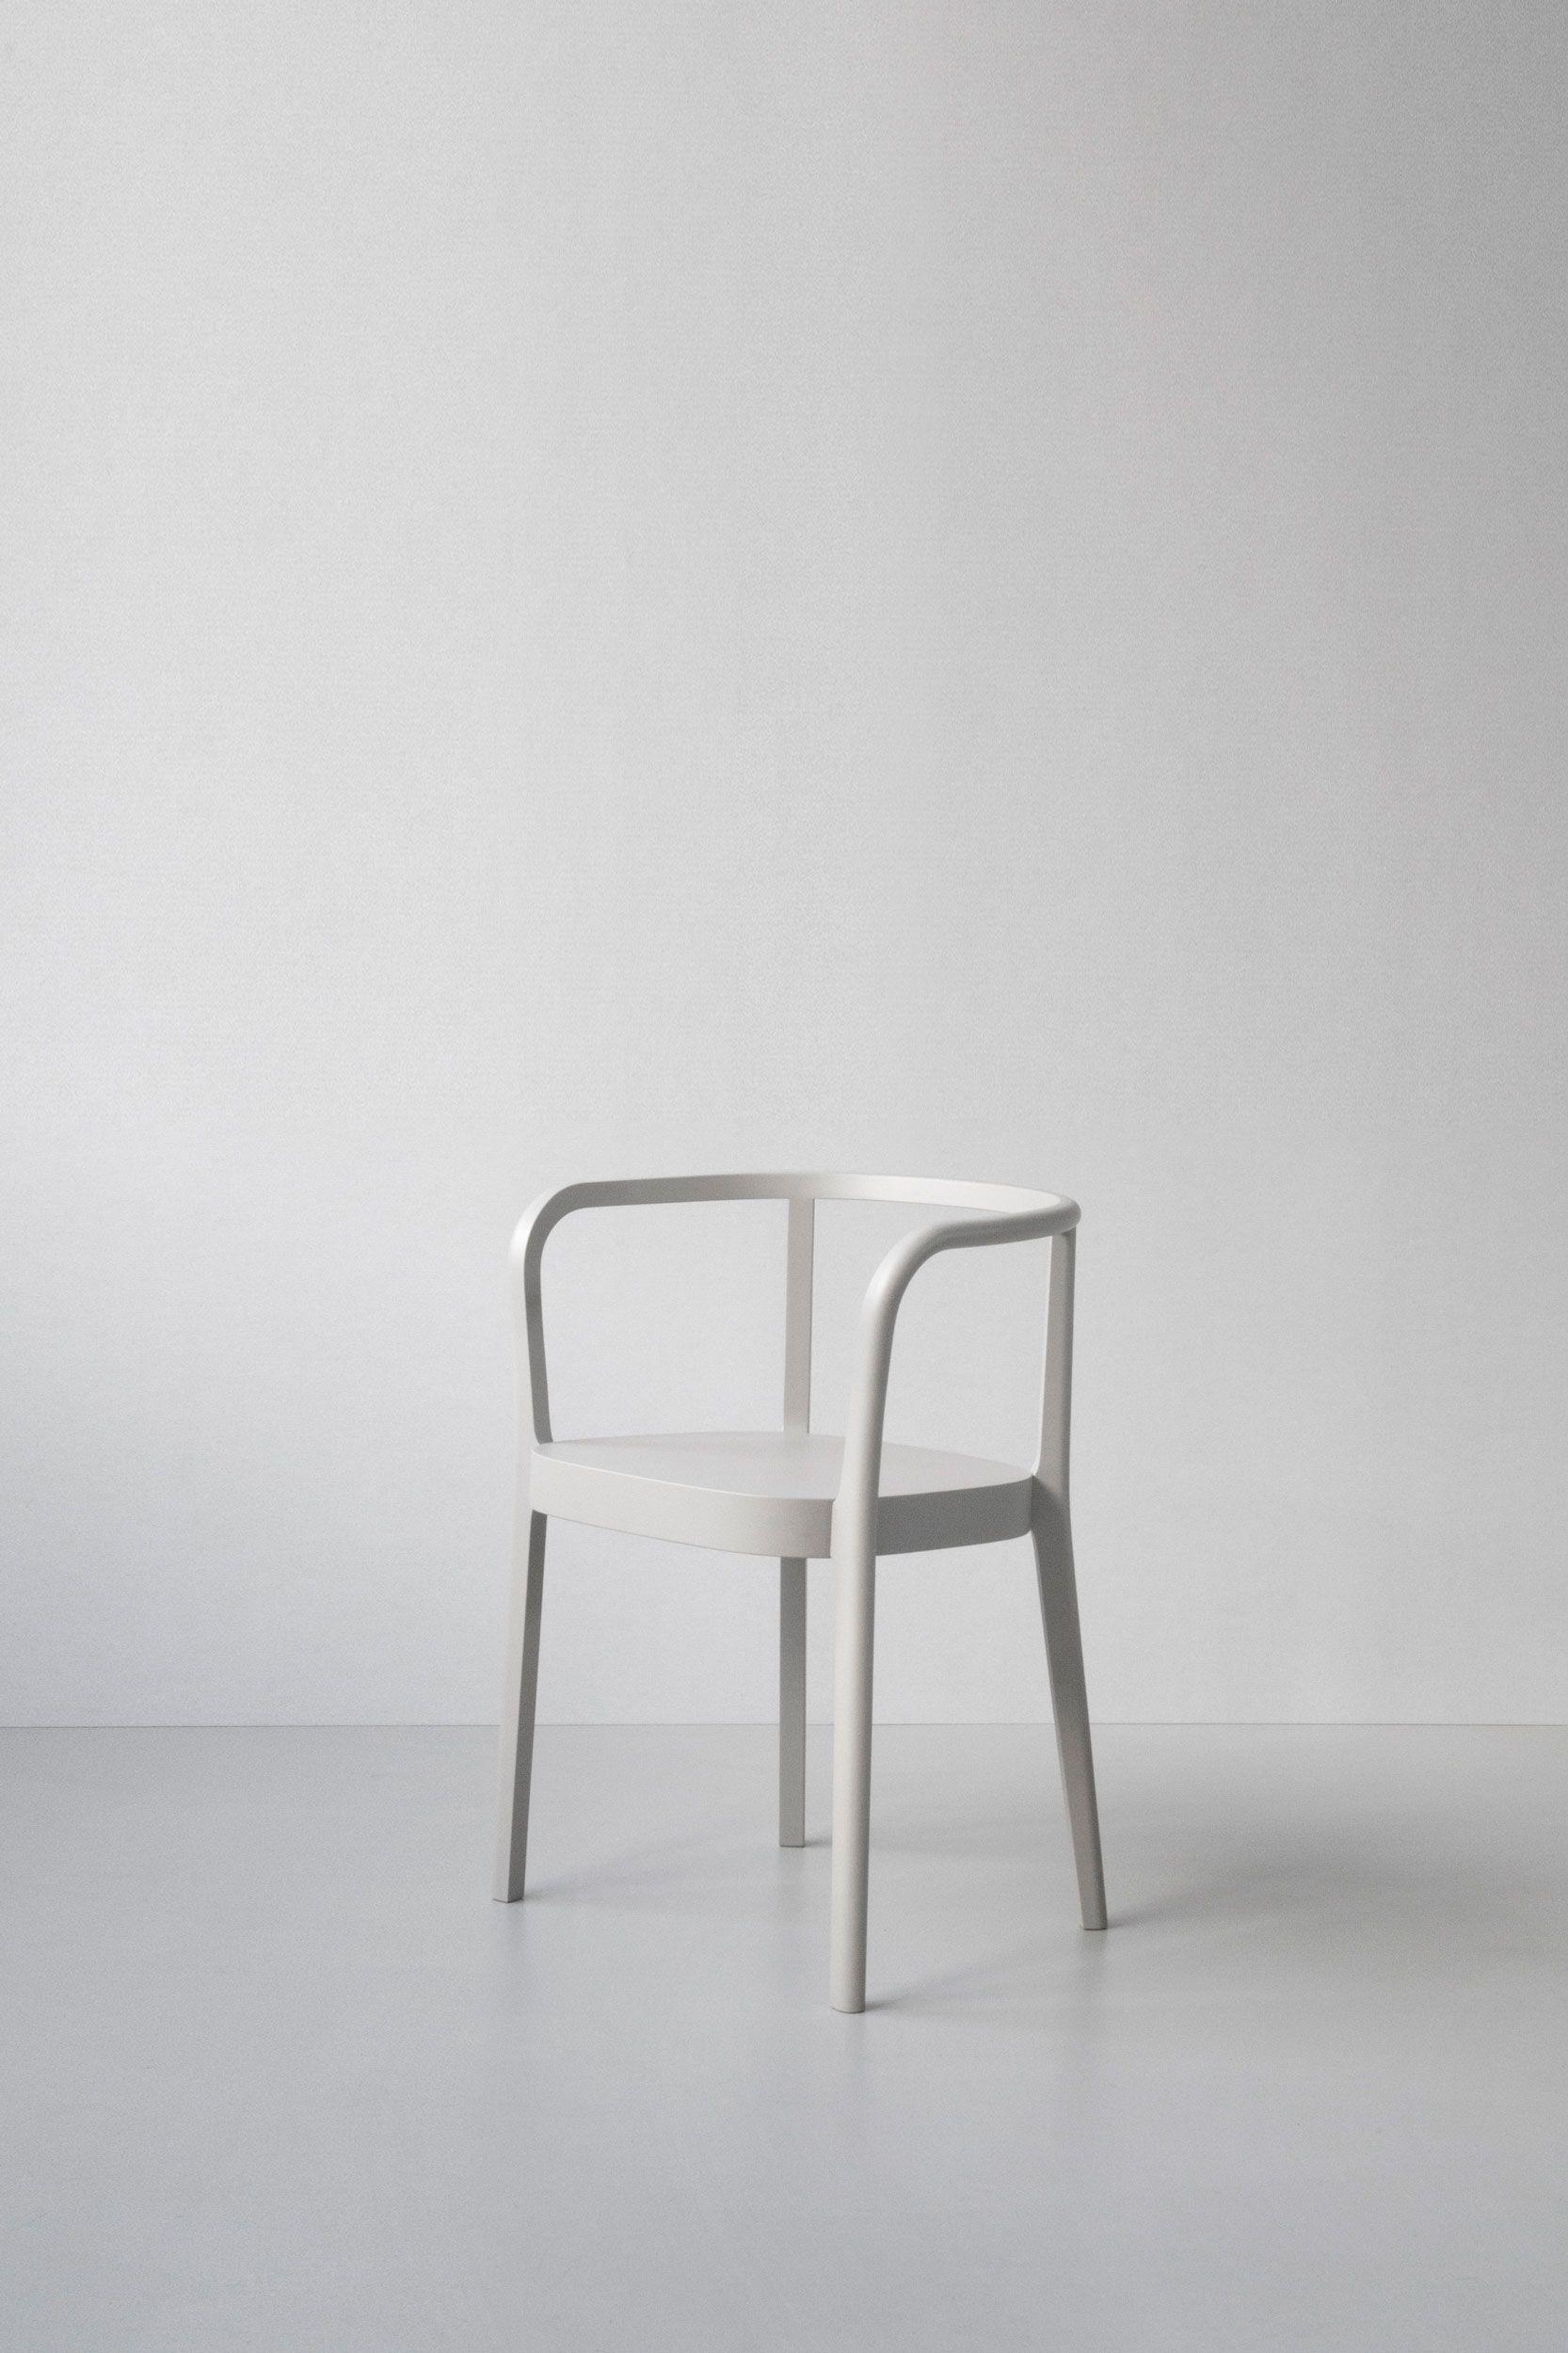 Moku Cecilie Manz In 2019 School Furniture Furniture